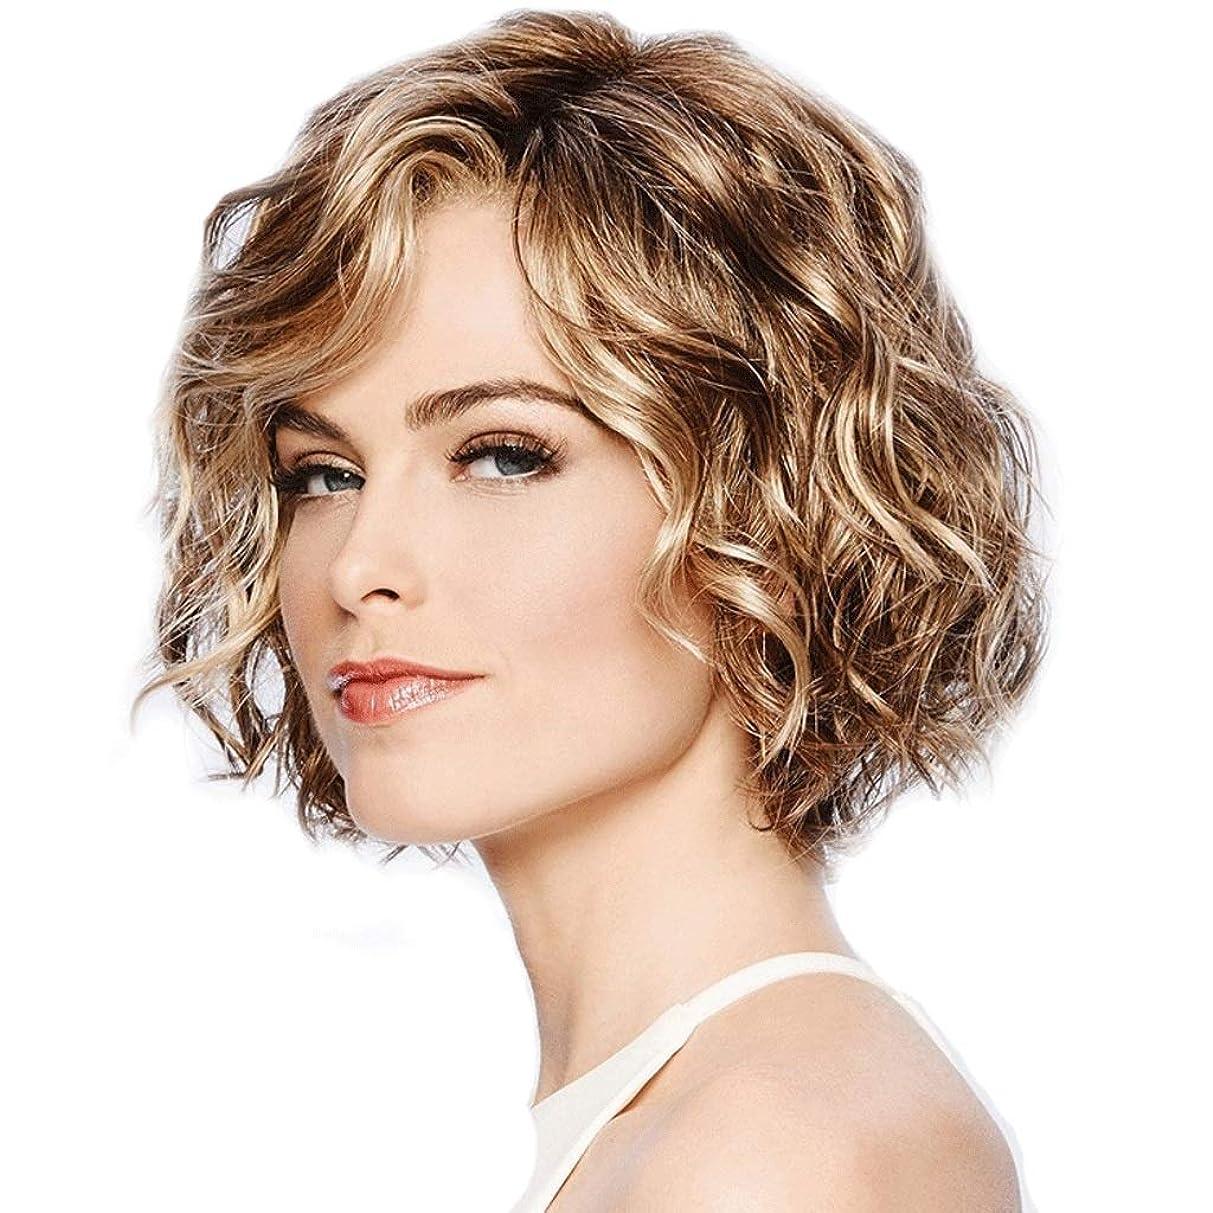 食欲魂誰が女性のショートカーリー波状のかつらセクシーなボブ耐熱繊維合成かつら、女性ハロウィンコスプレ衣装ファンシードレスパーティー日常使用 (色 : Blond)